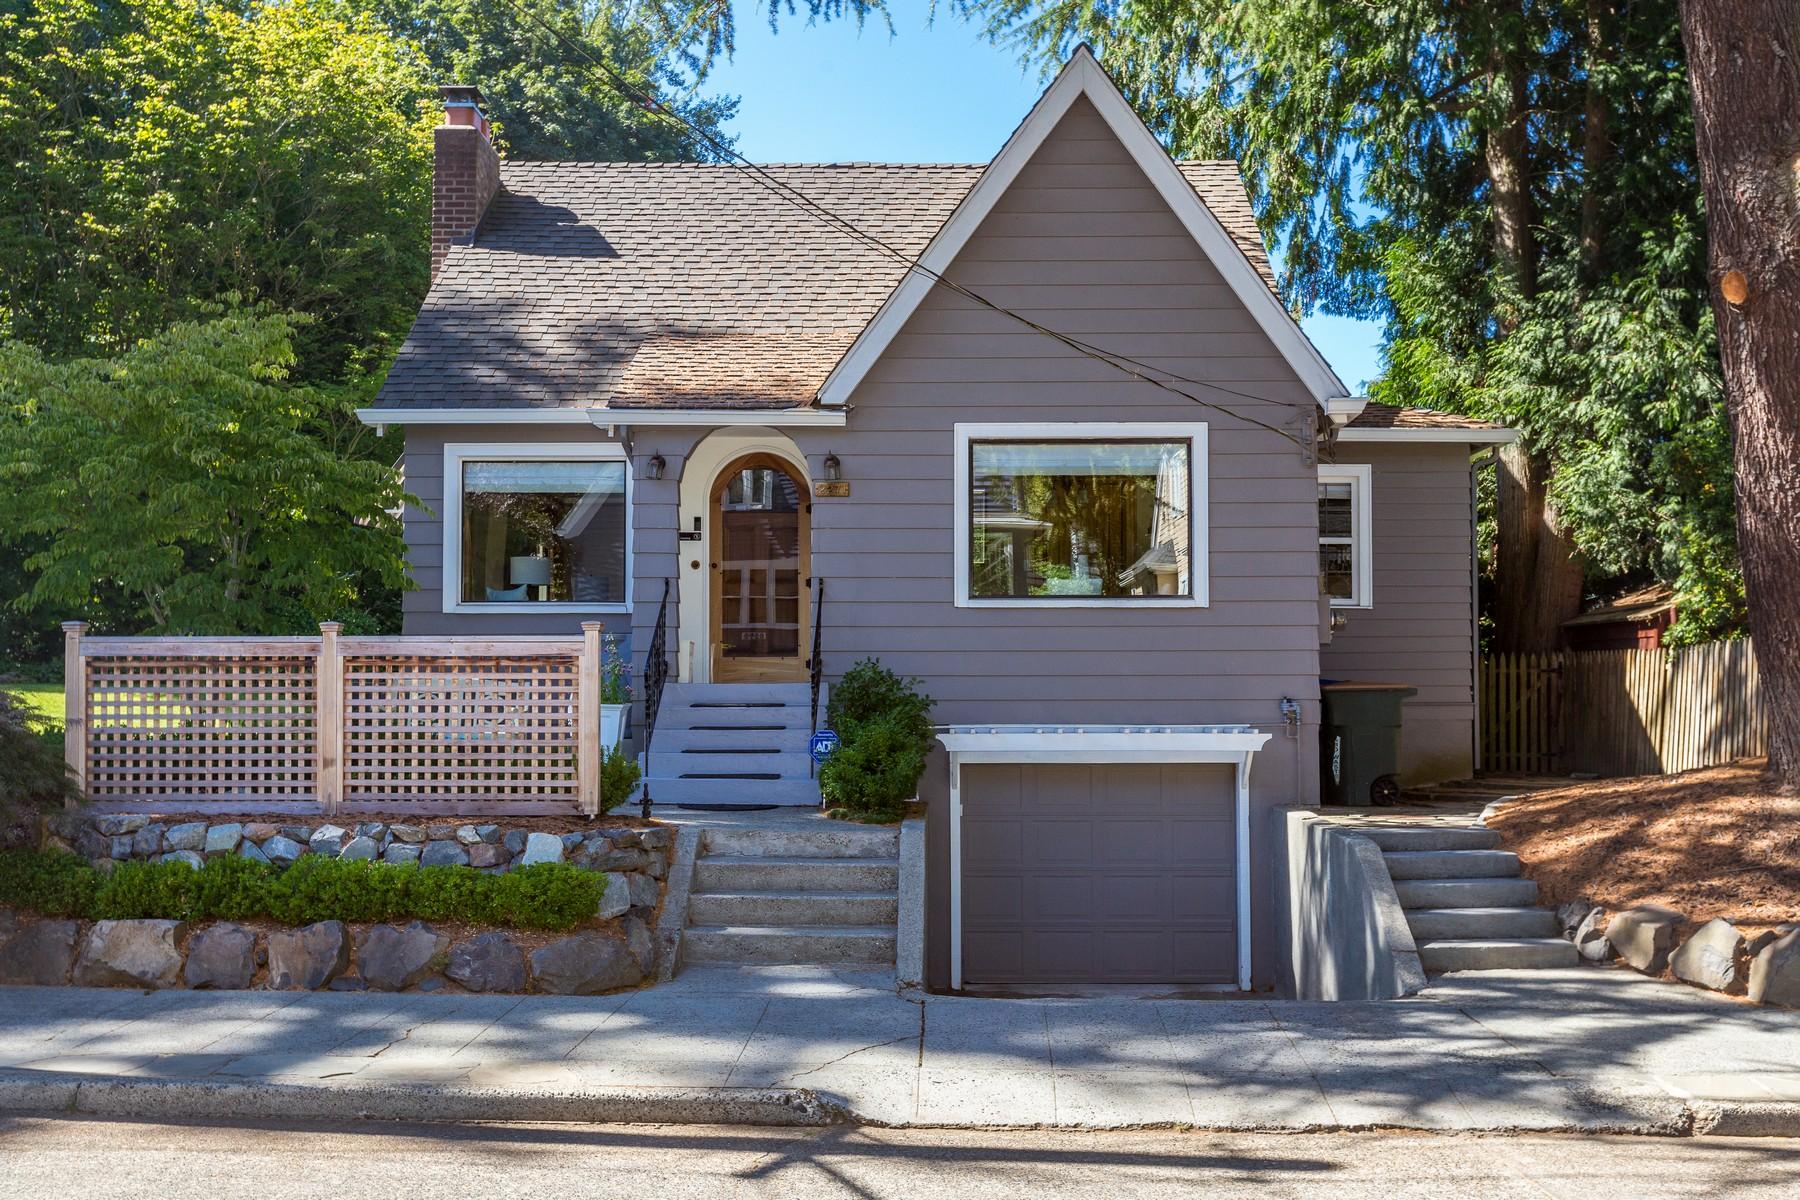 Μονοκατοικία για την Πώληση στο Classic Montlake Tudor 2271 E Howe St Seattle, Ουασινγκτον 98112 Ηνωμενεσ Πολιτειεσ